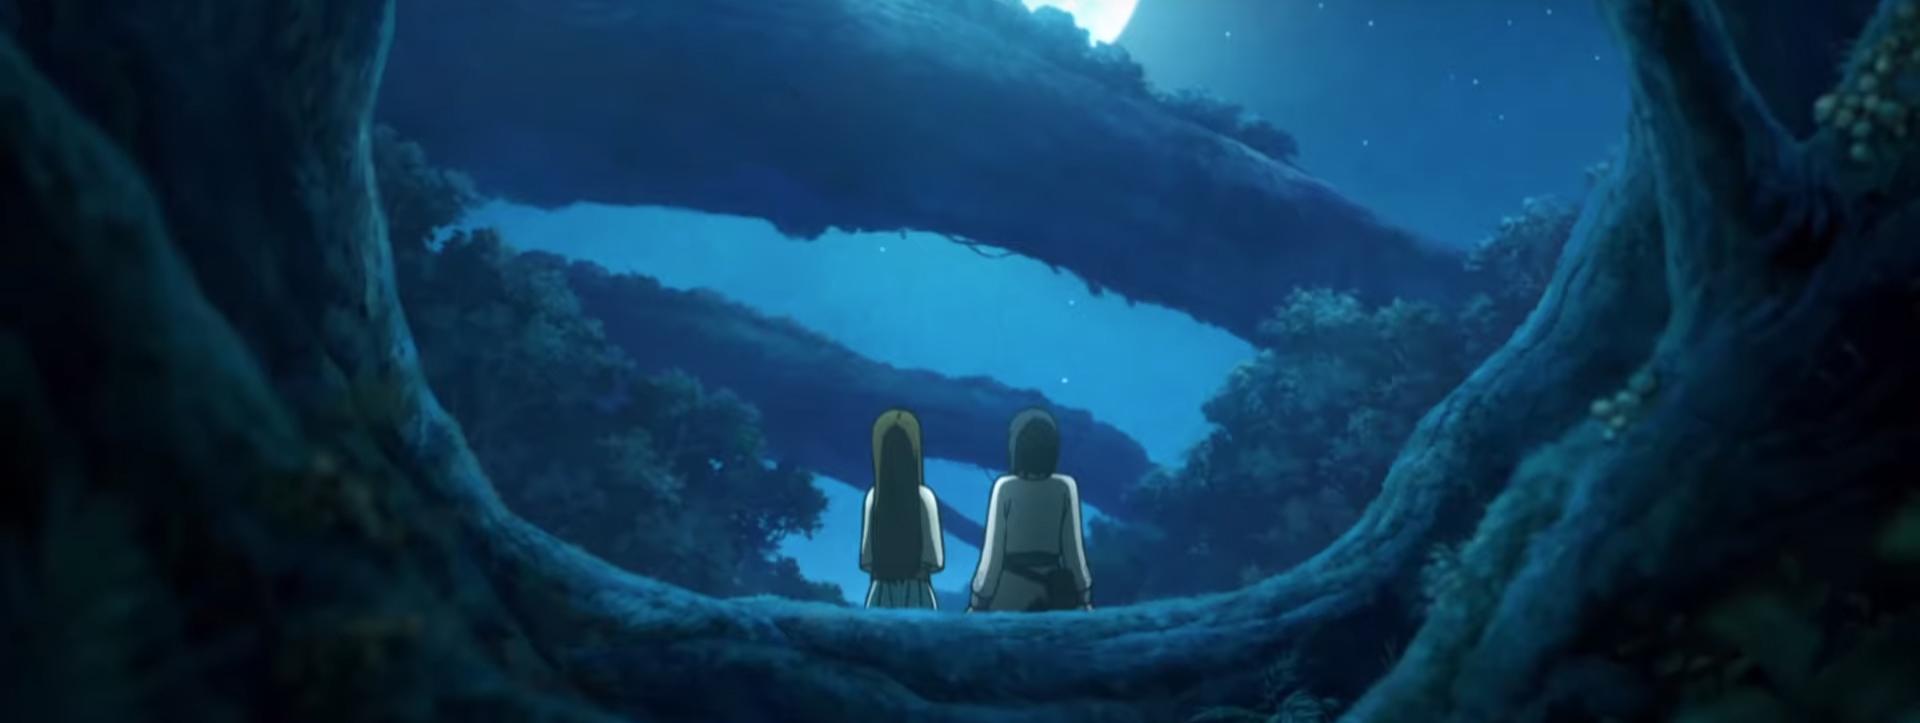 NiNoKuni (Ni no Kuni/二ノ国). Image Credit: Netflix.